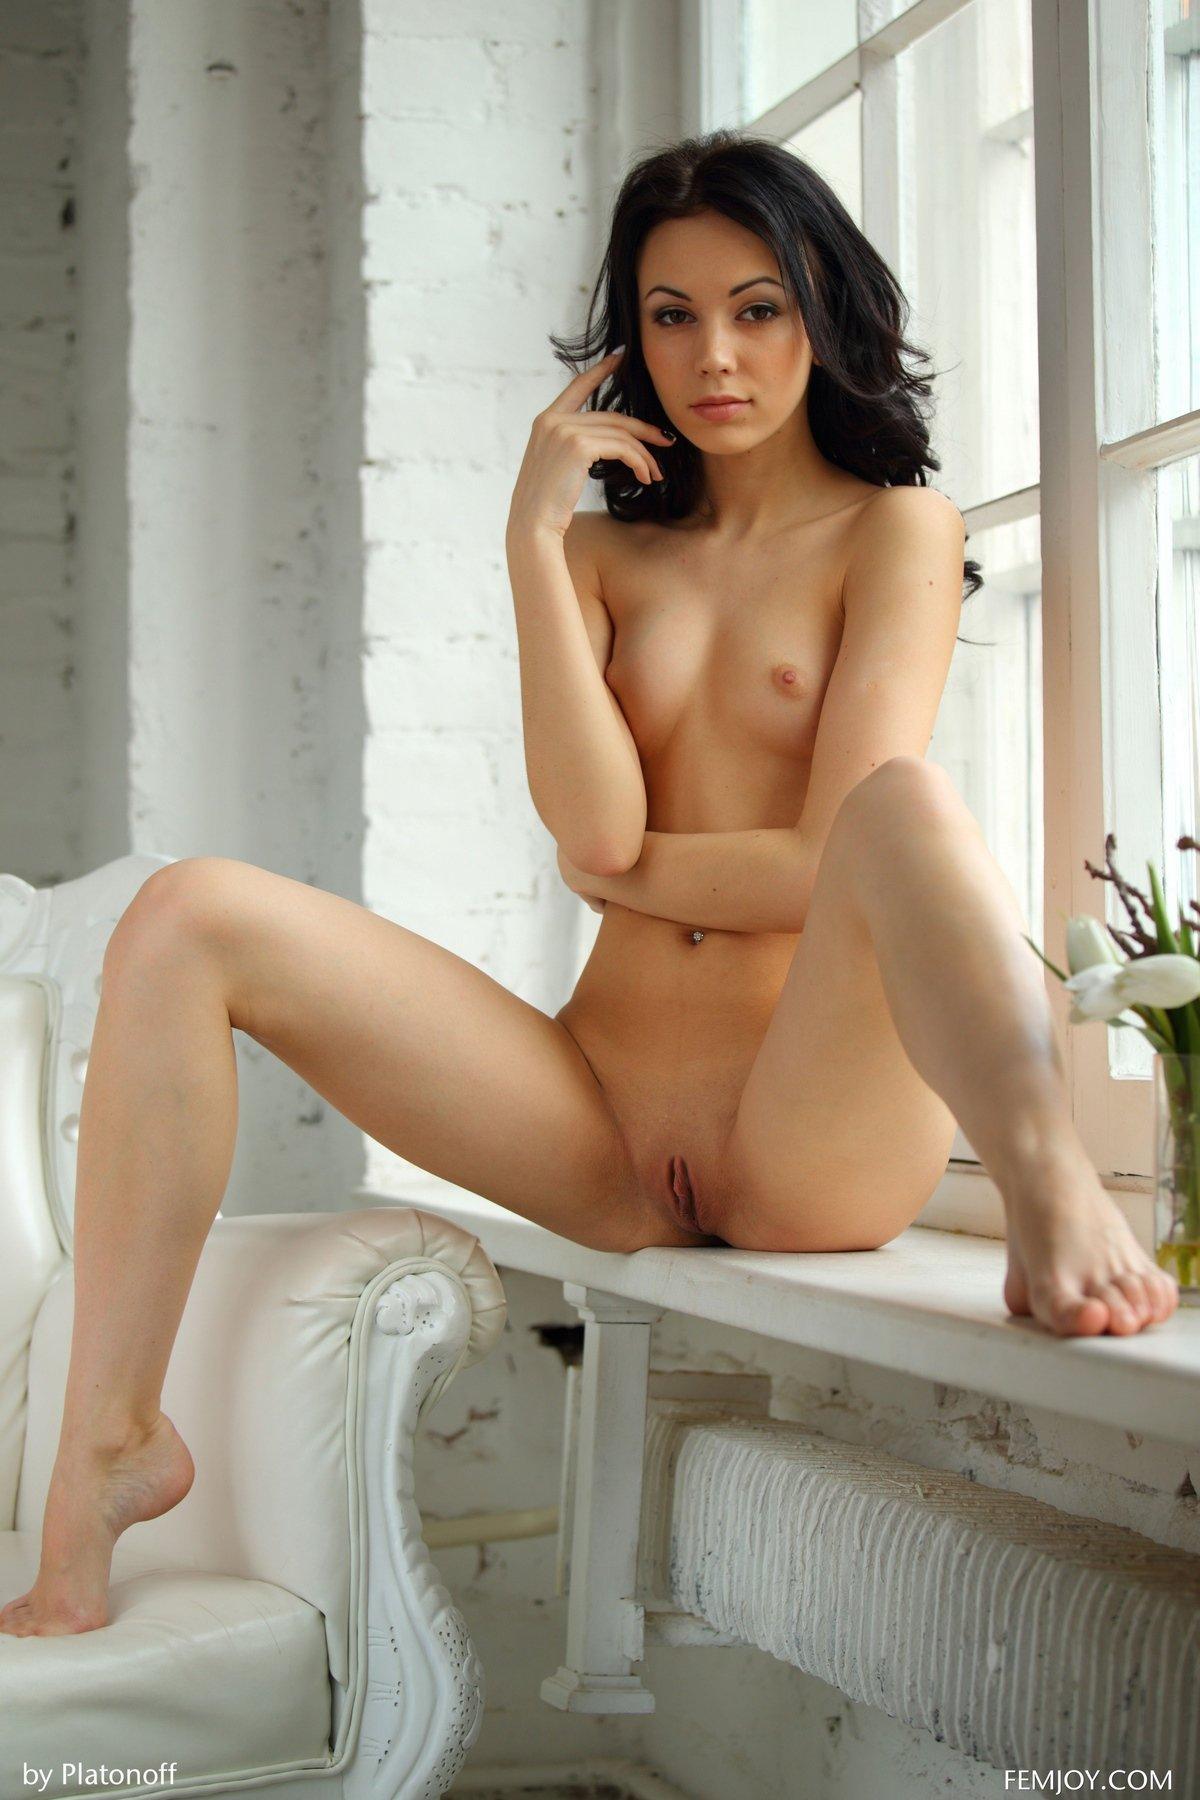 Красивая голая брюнетка в кресле у окна